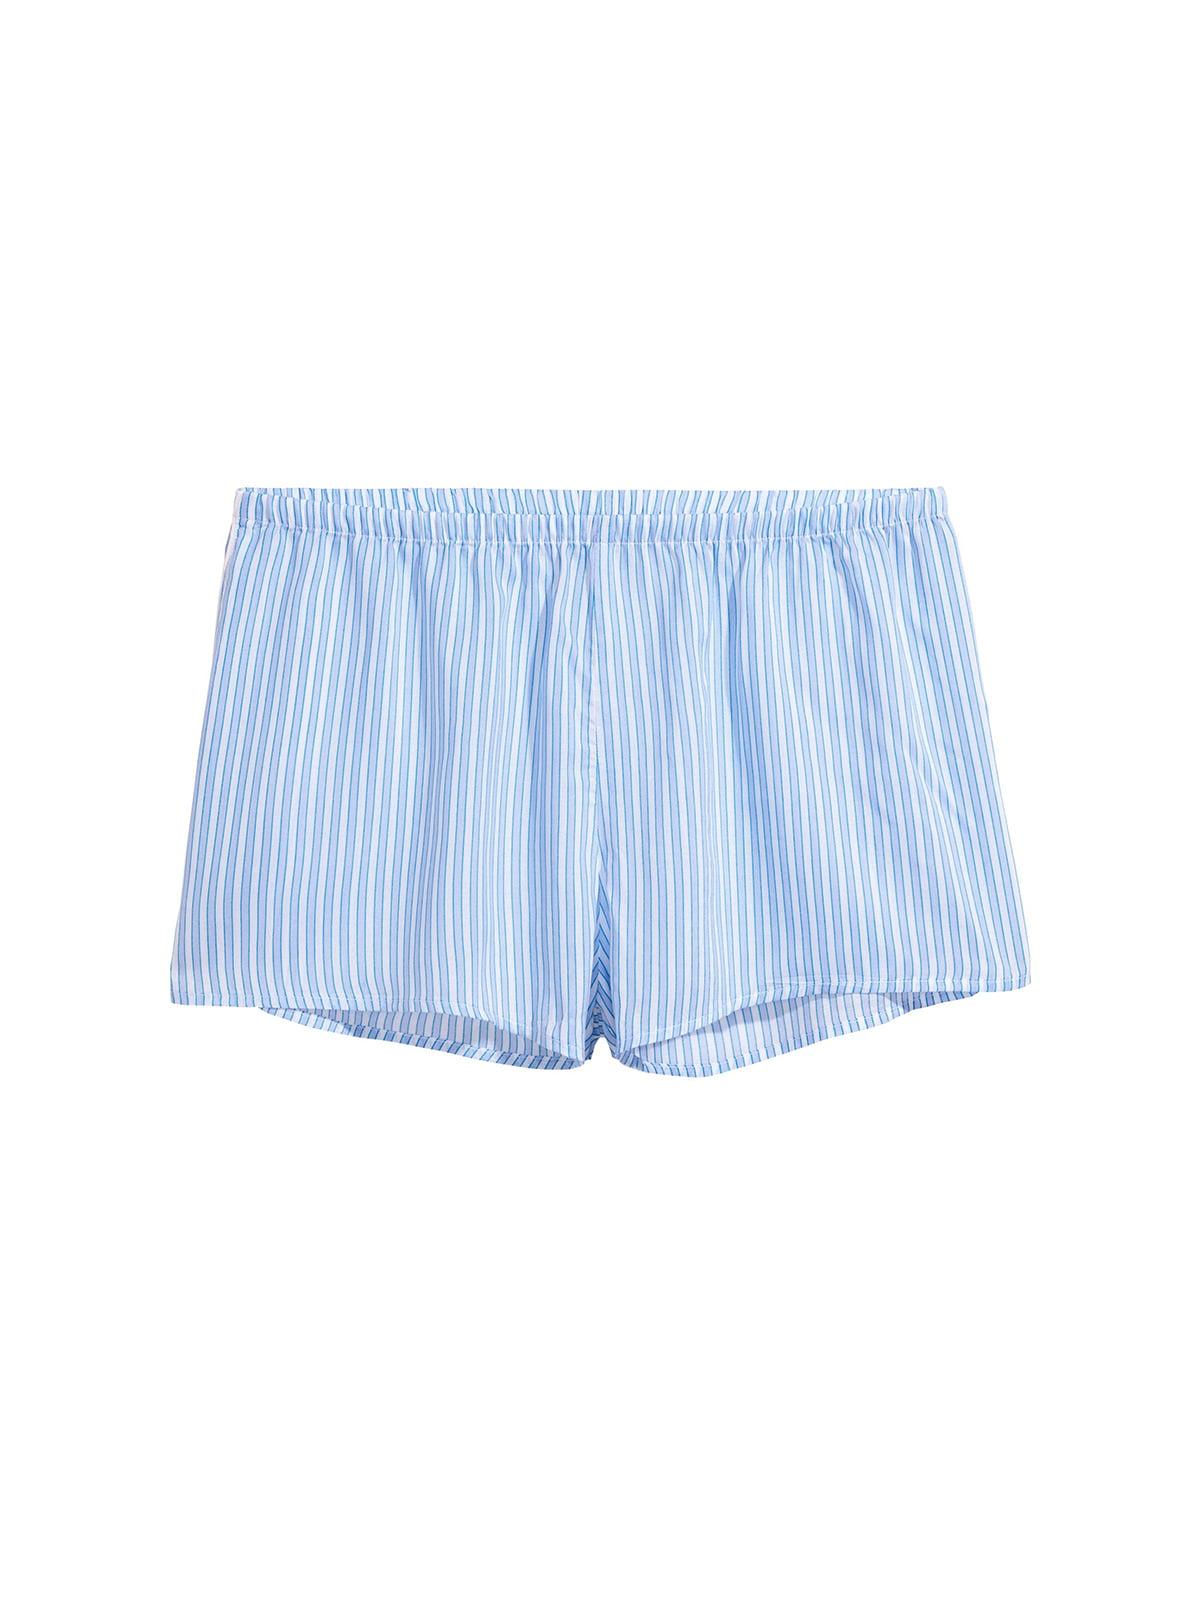 Піжамні шорти блакитні у смужку | 5668172